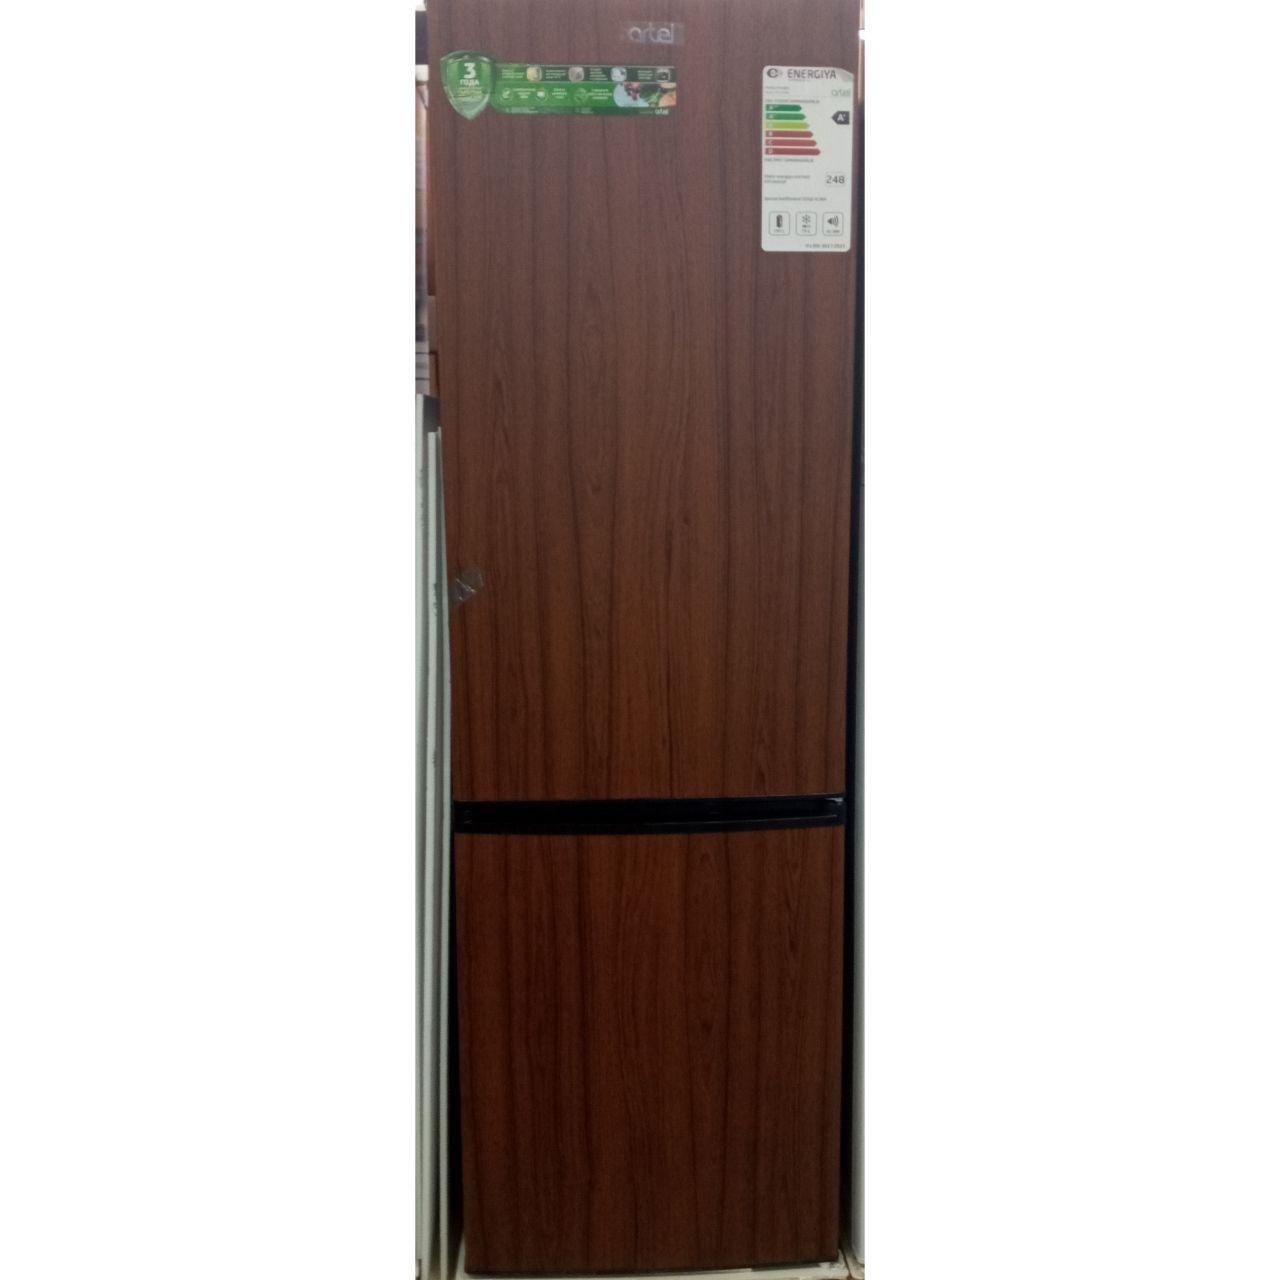 Холодильник двухкамерный Artel 265 литров